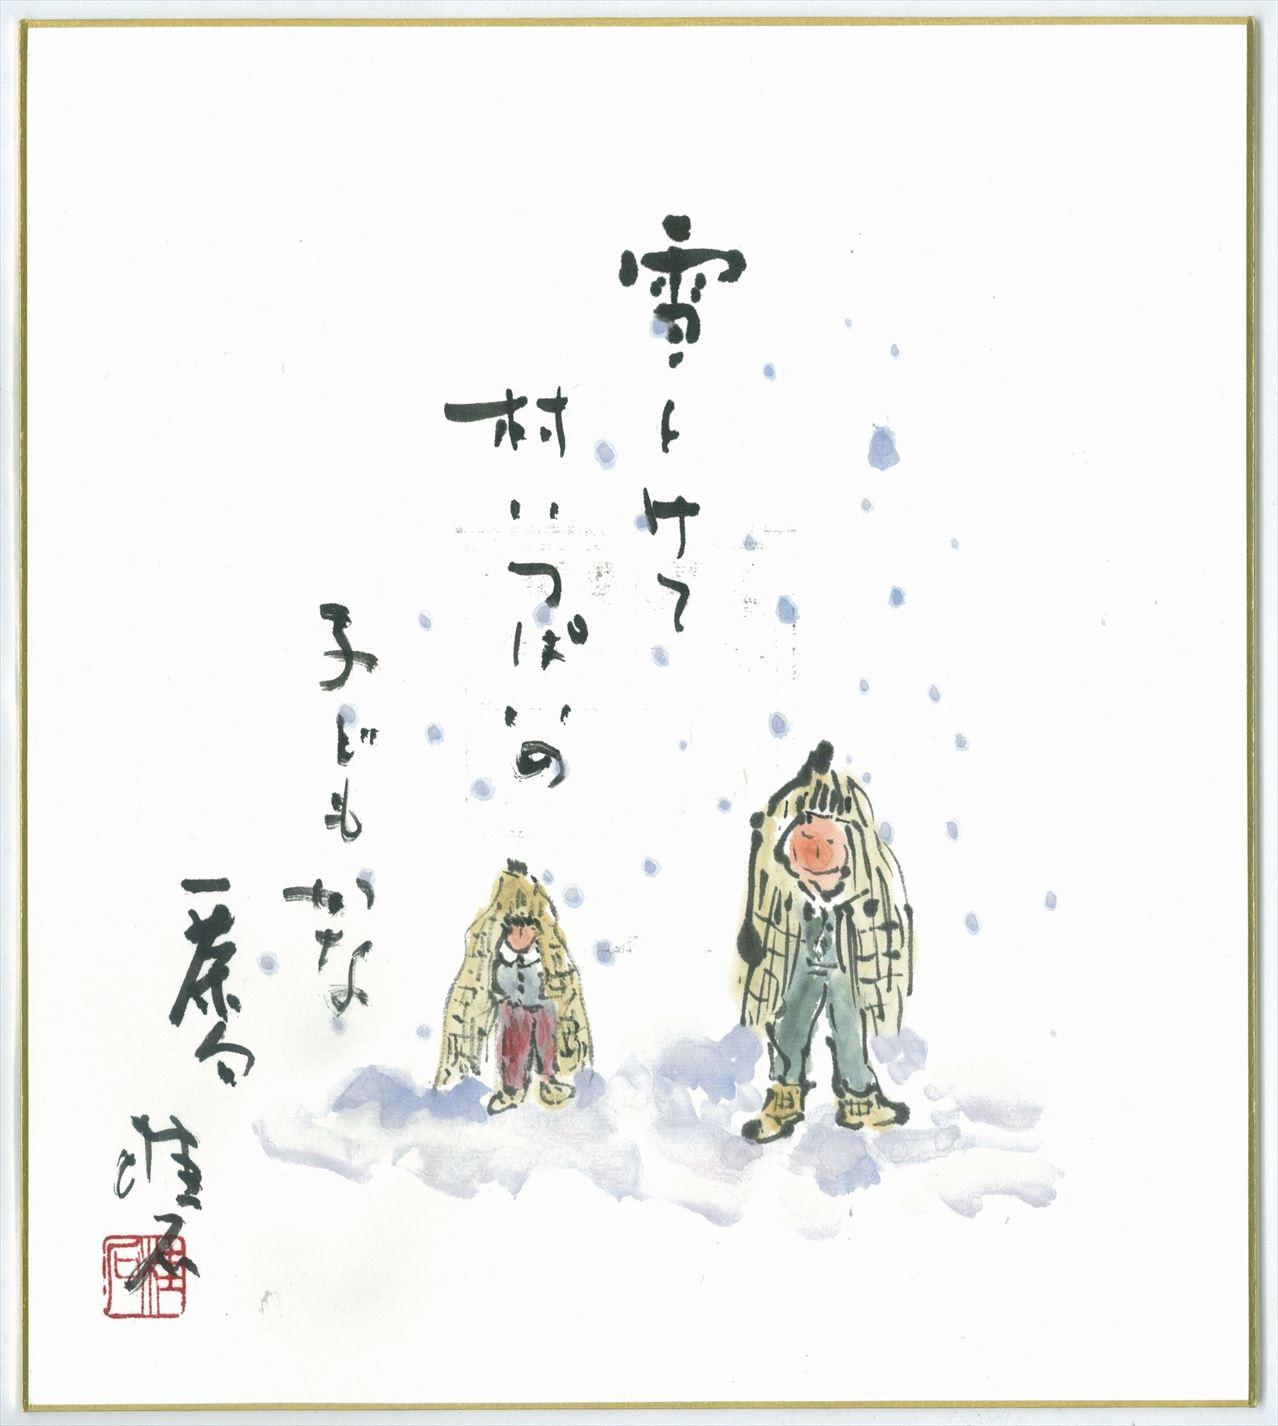 雪とけて村いっぱいの子どもかな